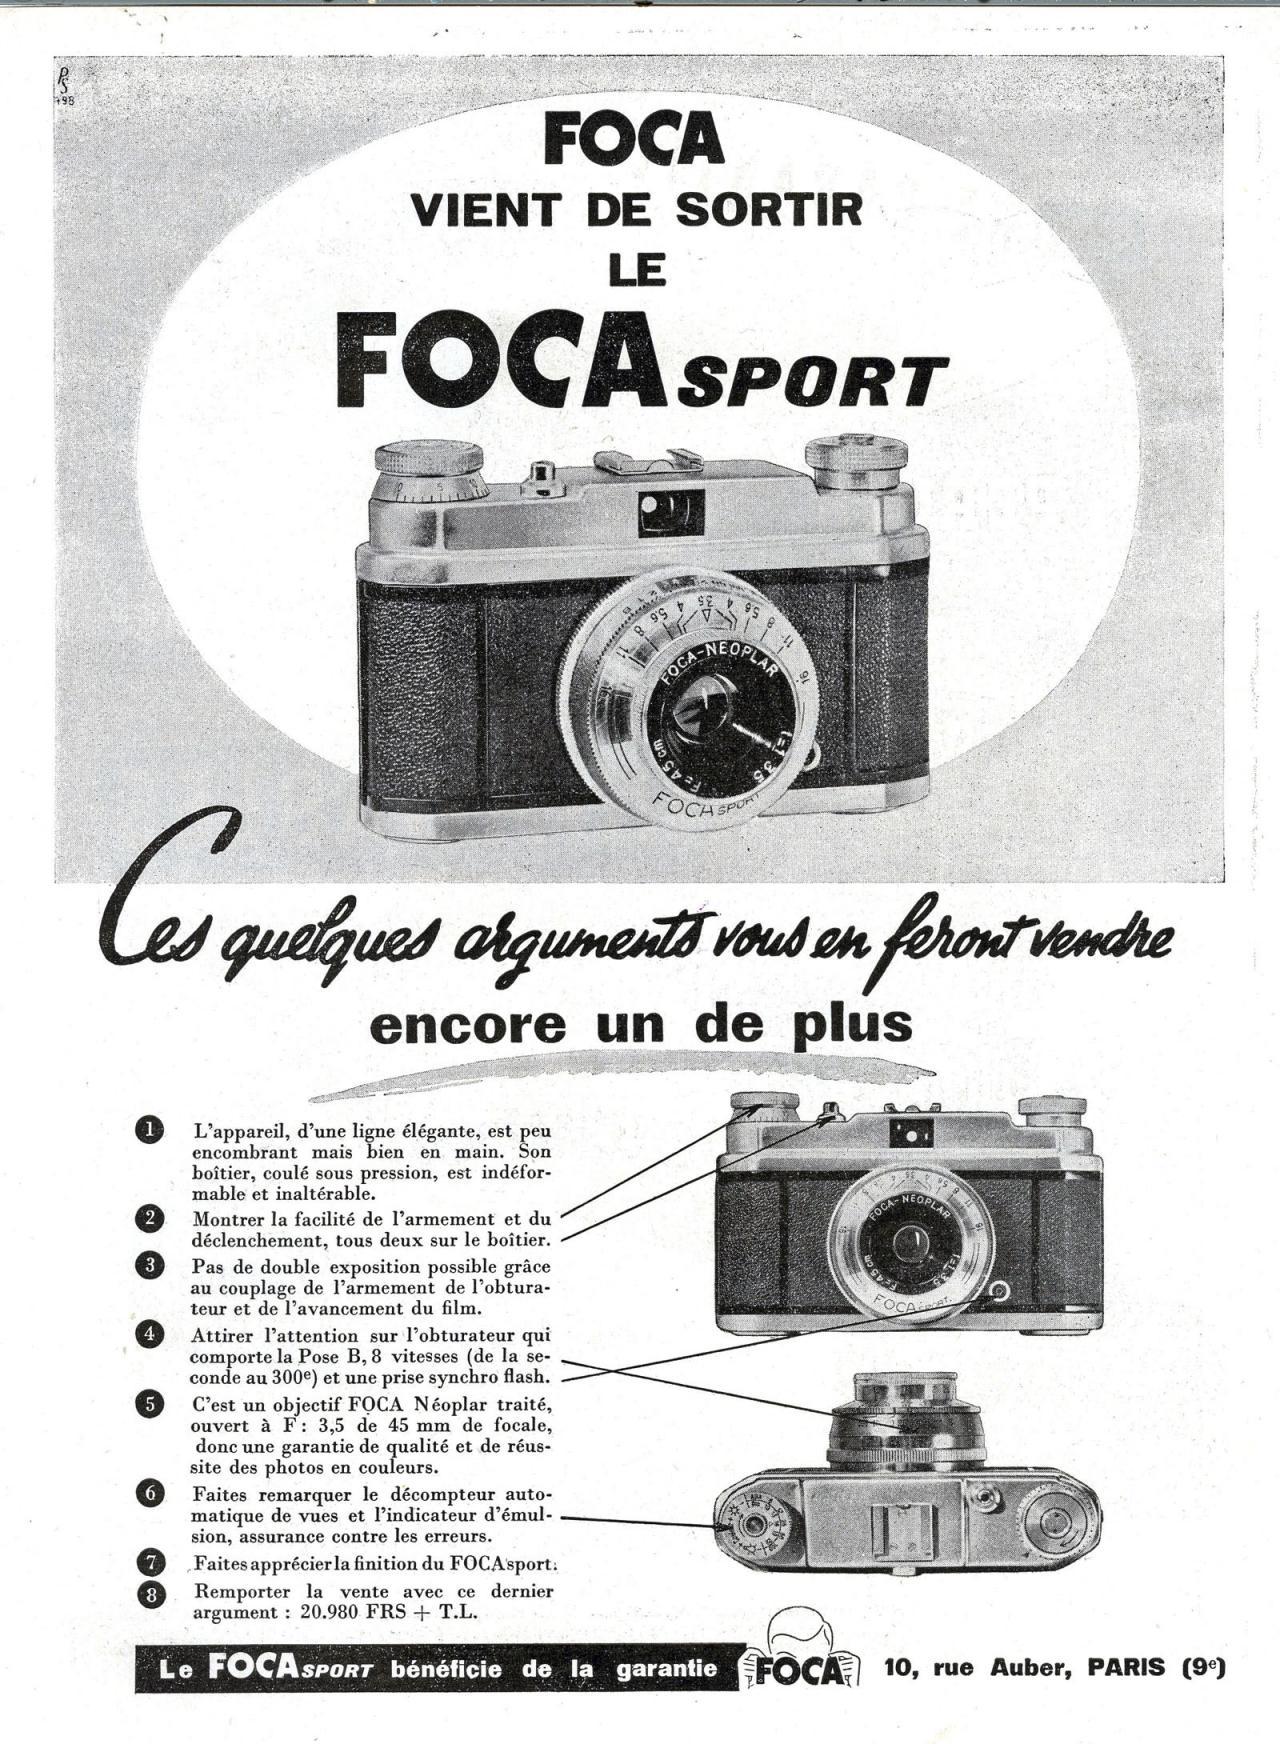 Wallpaper 1615-4  OPL  Focaspoprt I, collection AMI Appareils photos